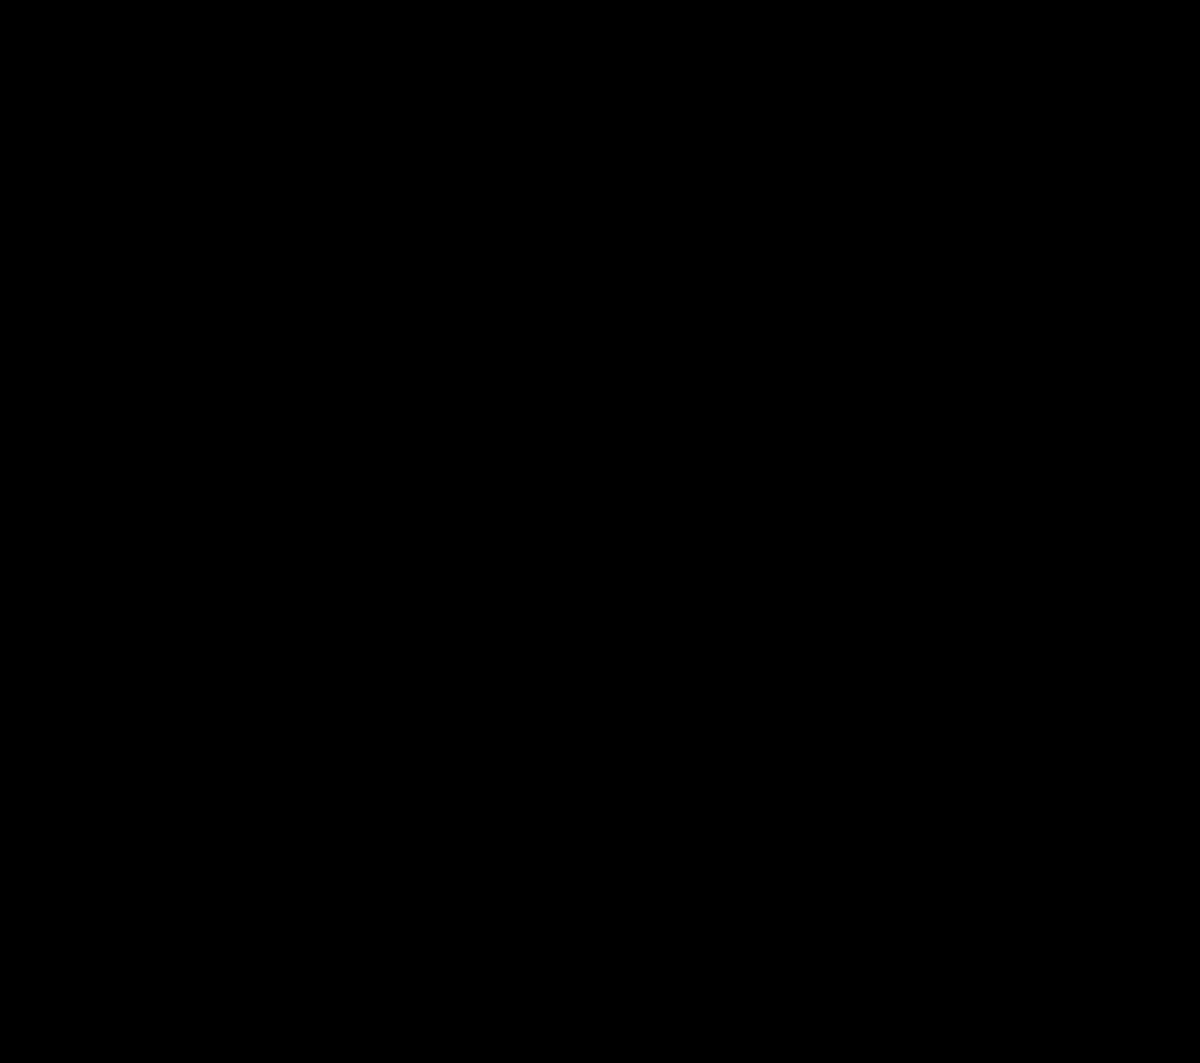 Ditto – Vogelhuis met 2 Vogel Sleutelhangers Blauw – Roze / Samenwonen Cadeau / Muurdecoratie